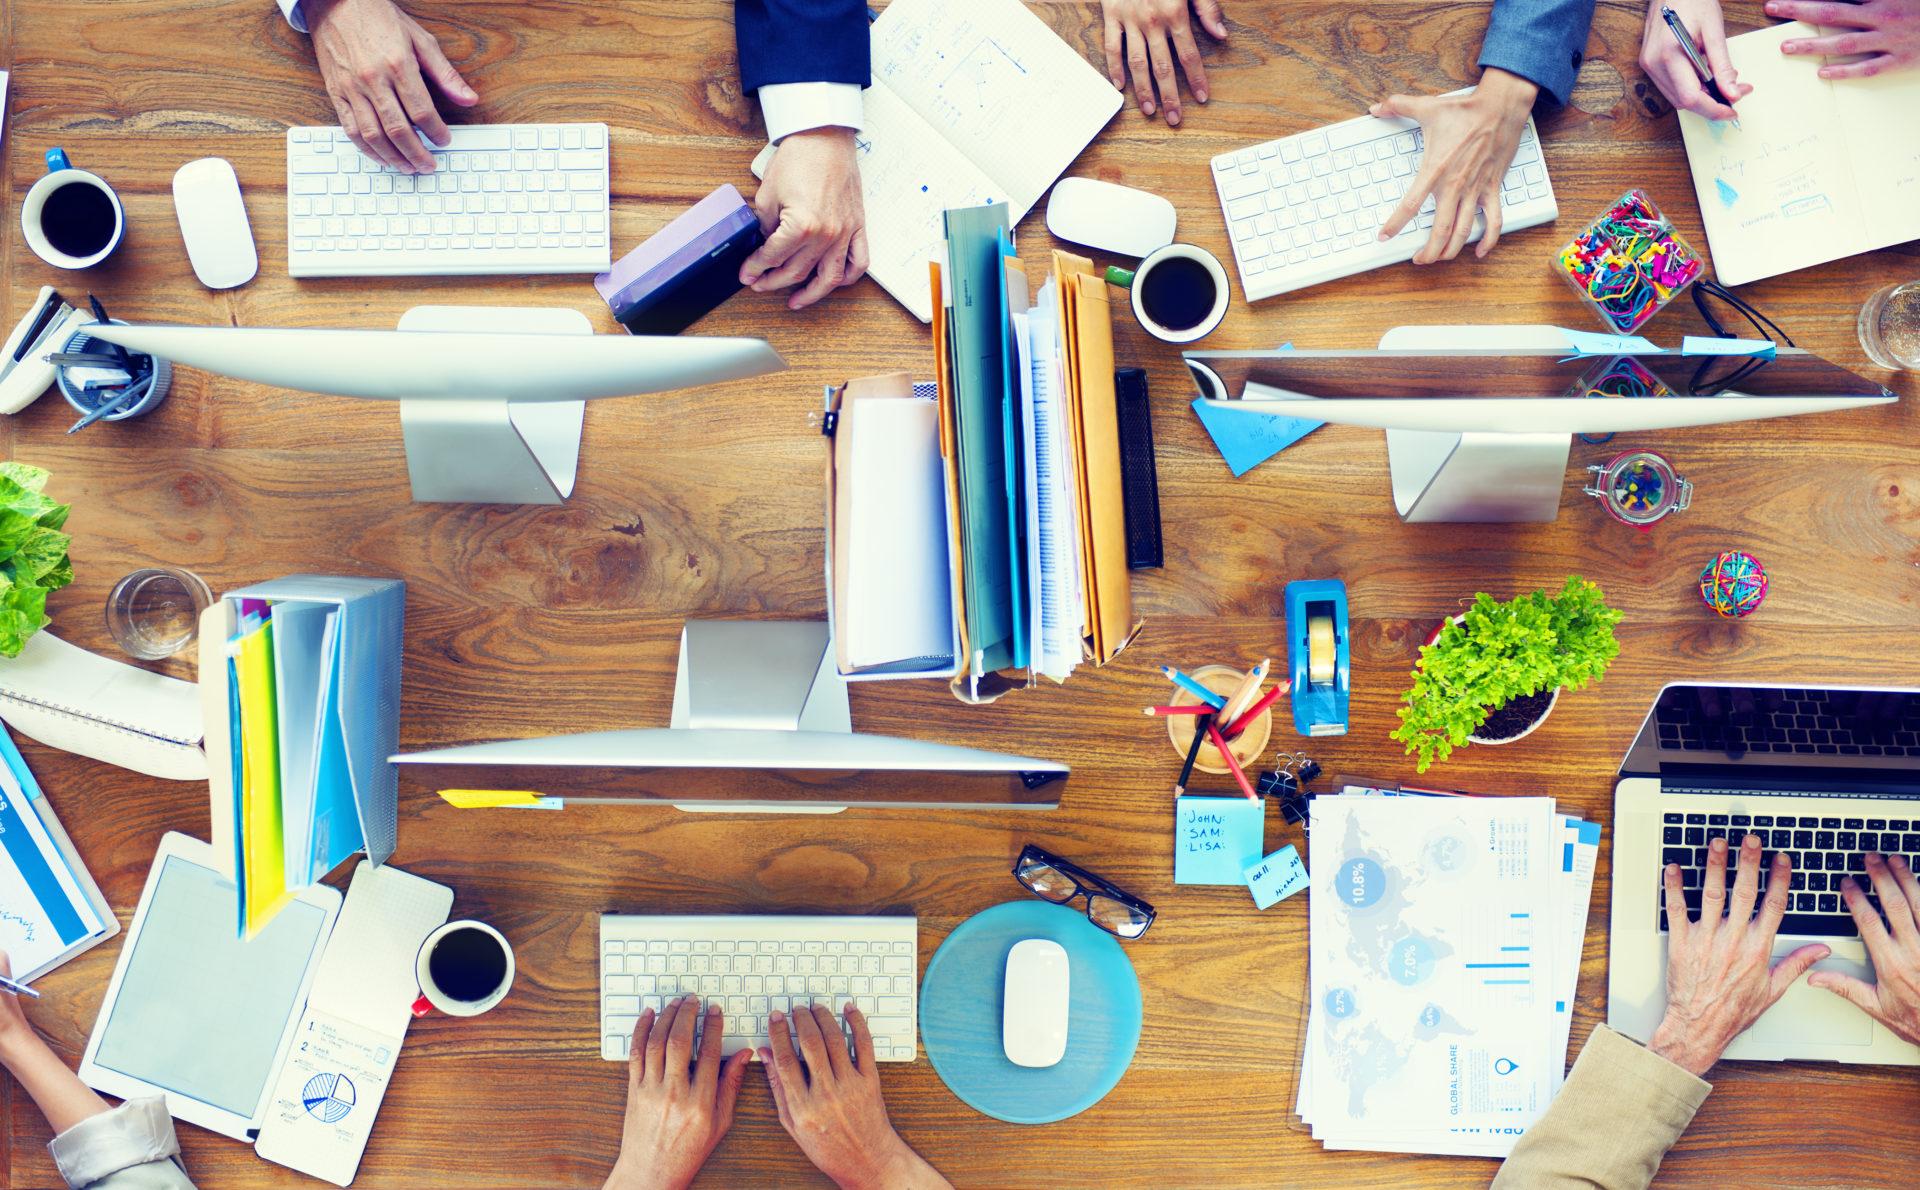 office business work job startup entrepreneurship entrepreneur economy resource